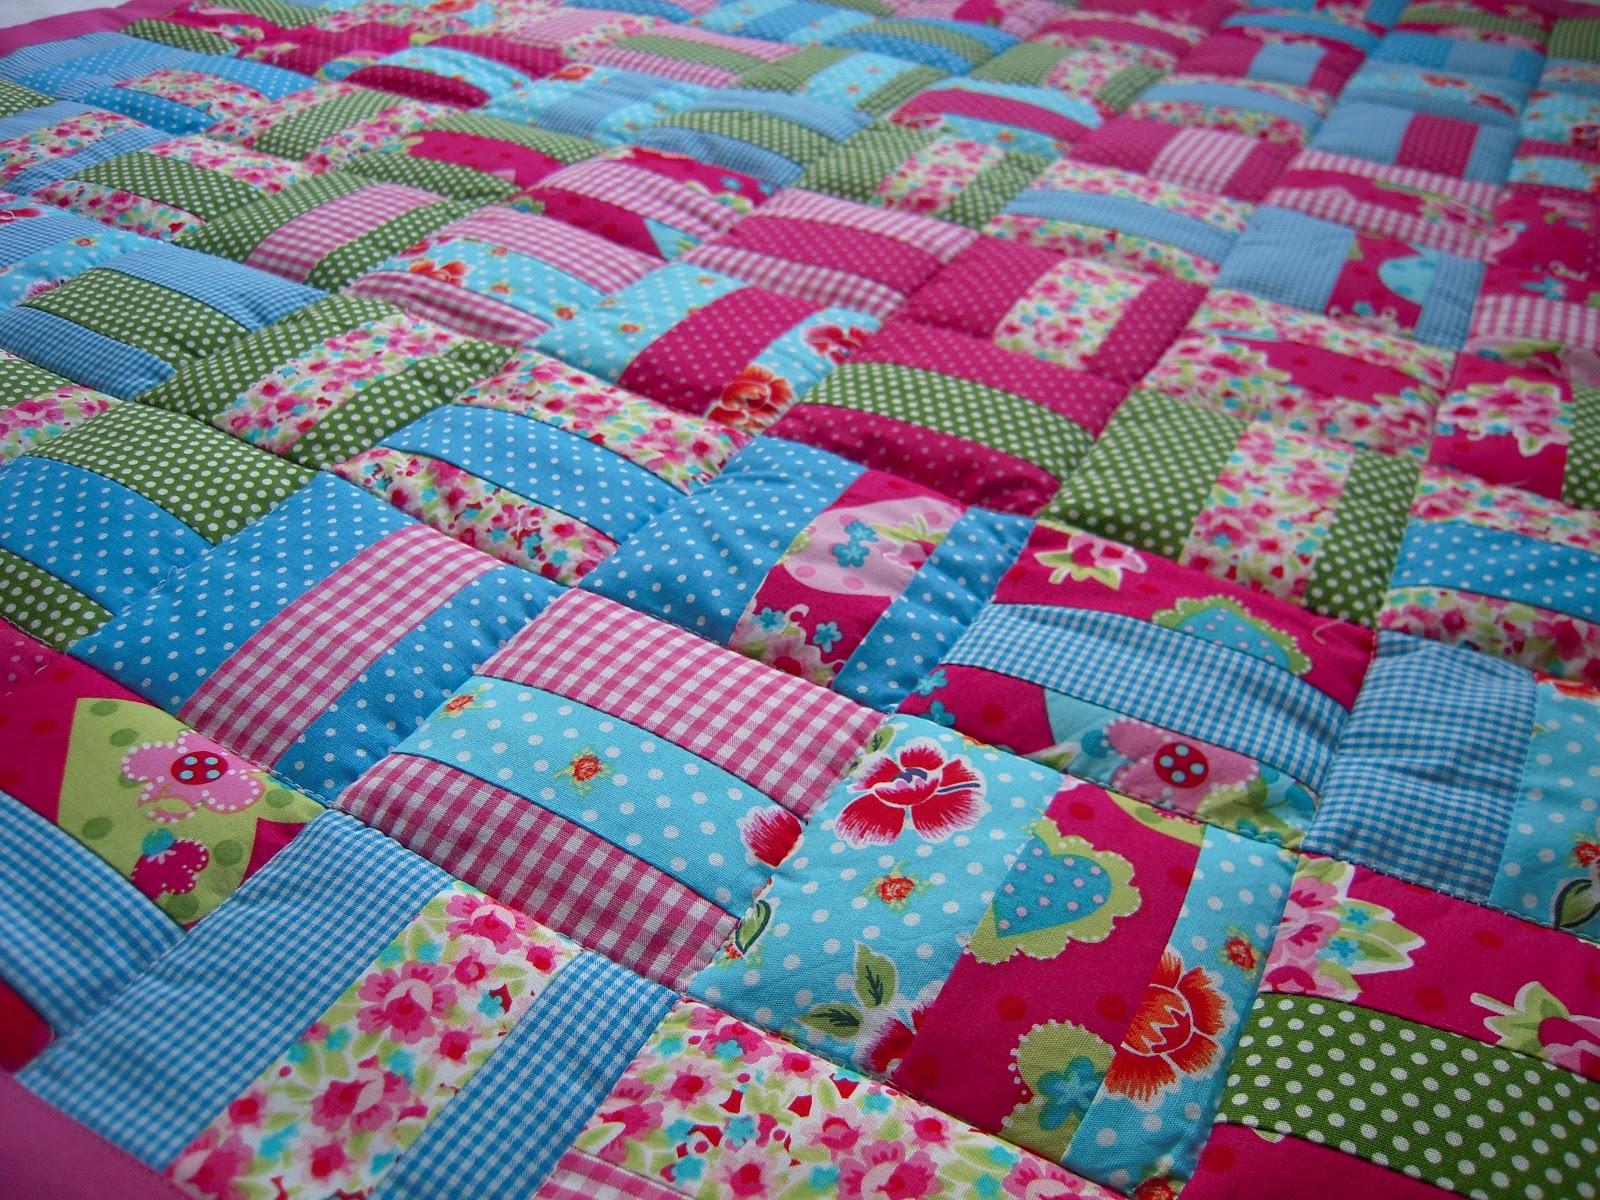 patchwork babydecke muster quadrate. Black Bedroom Furniture Sets. Home Design Ideas